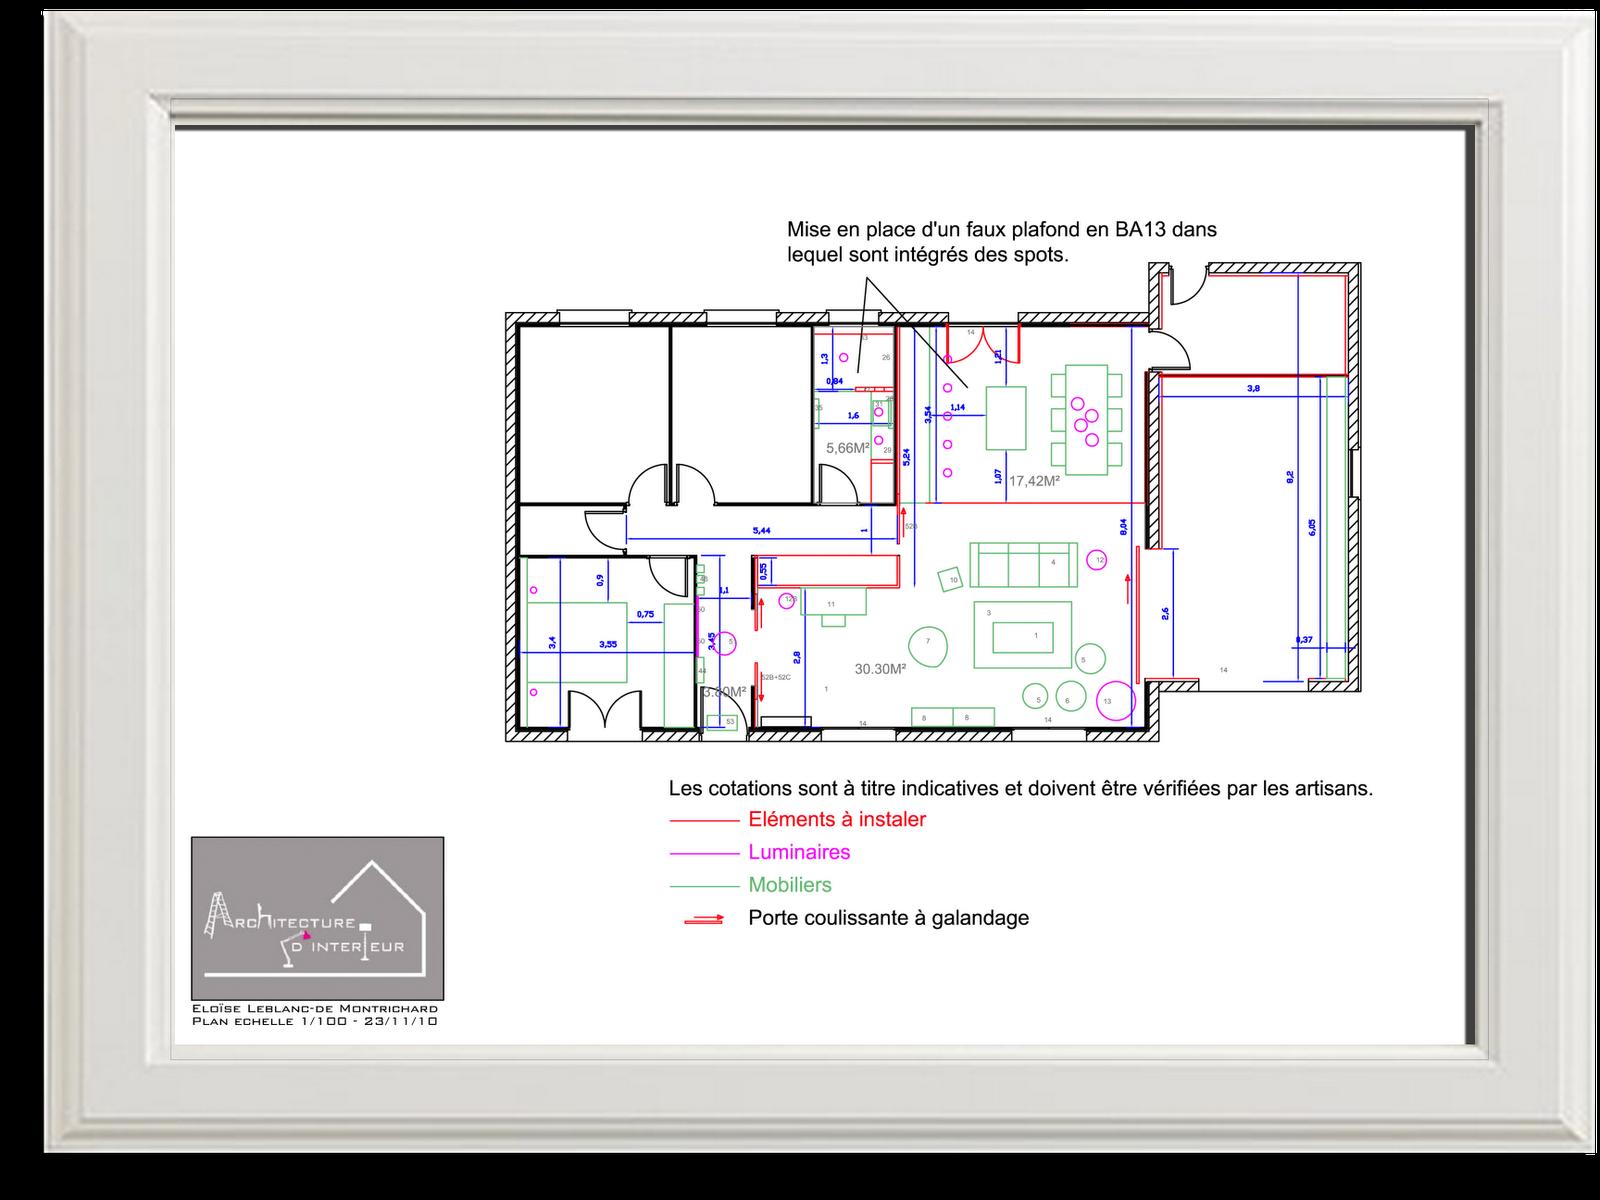 Plan Porte À Galandage changer d'intérieur in english: housing